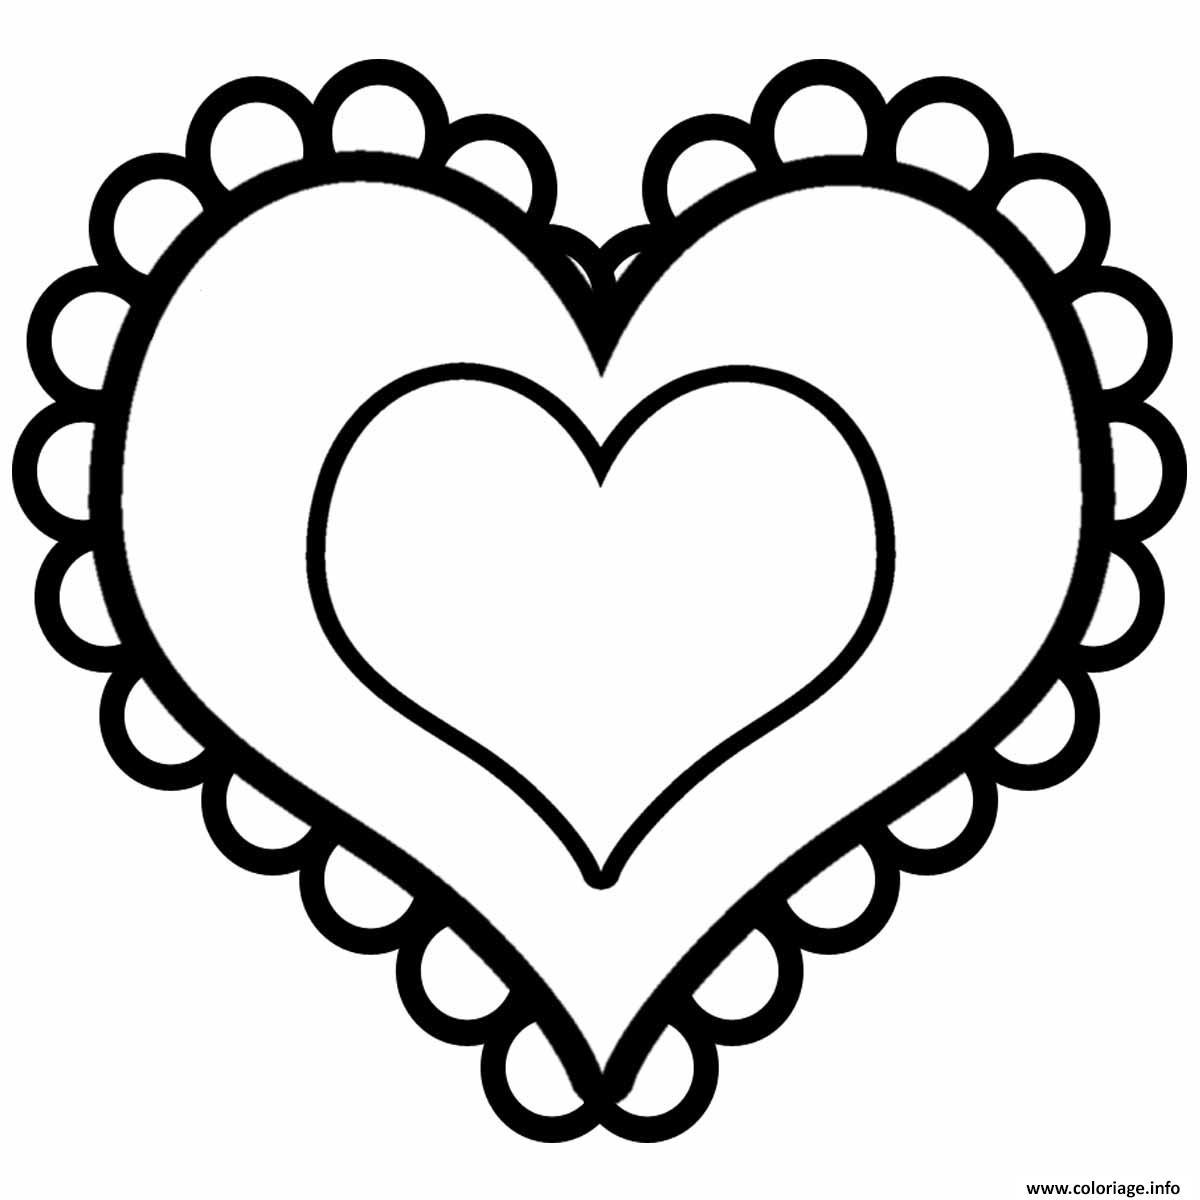 Coloriage Coeur De St Valentin.Coloriage Coeur Saint Valentin 15 Jecolorie Com